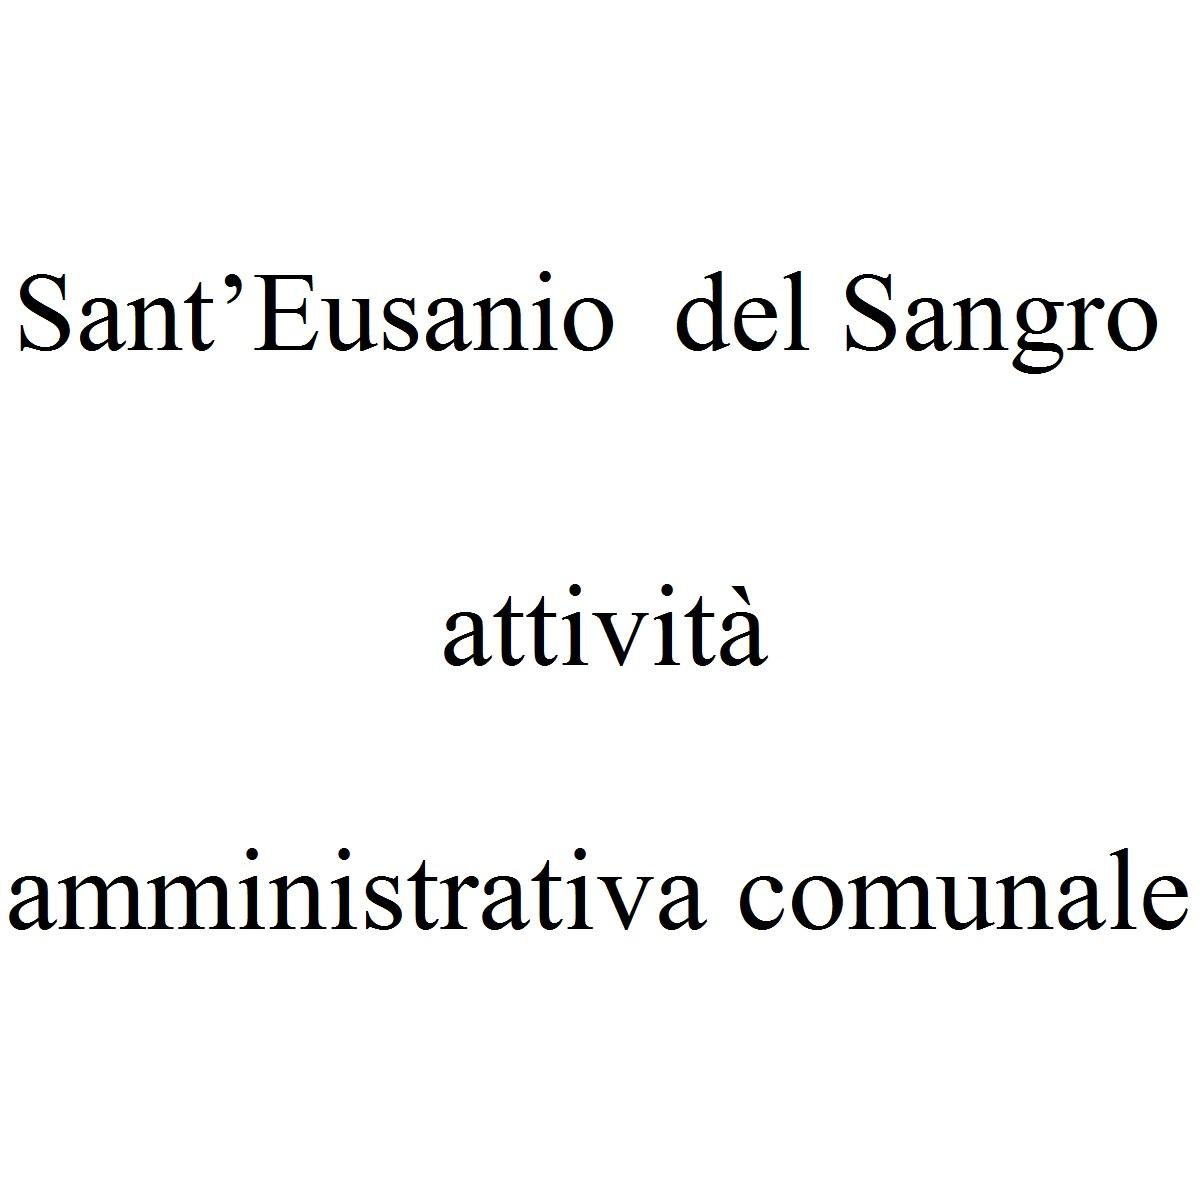 Sant'Eusanio del Sangro attività amministrativa comunale foto